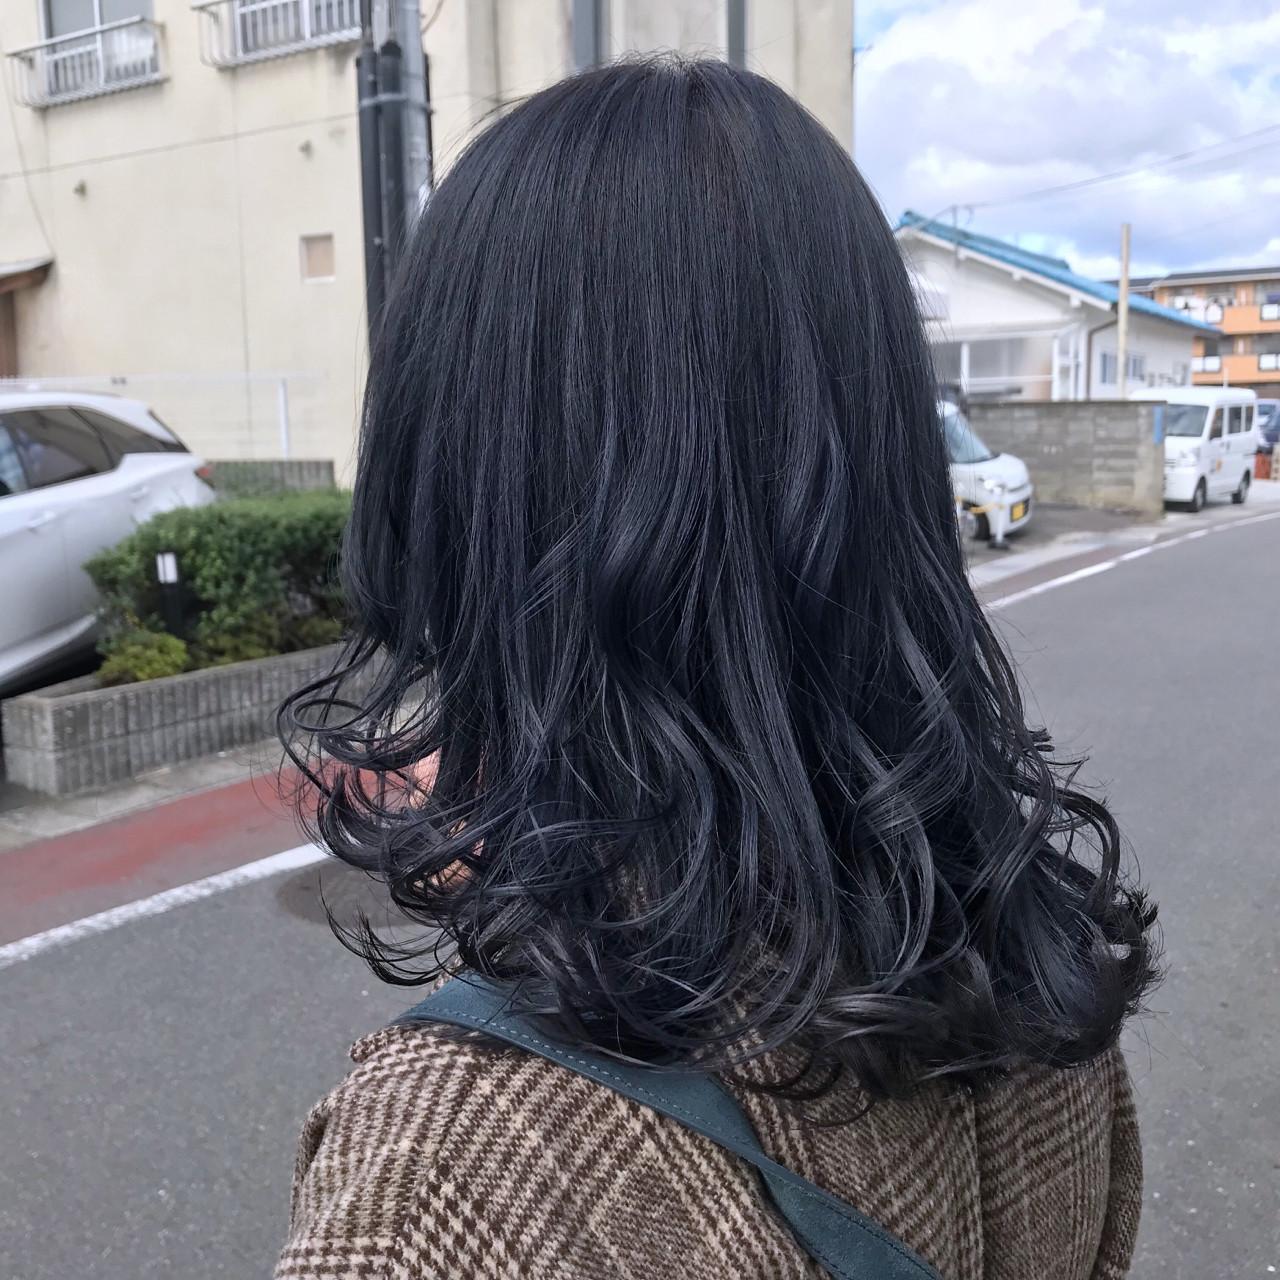 ウェーブ グレー ゆるふわ ストリート ヘアスタイルや髪型の写真・画像